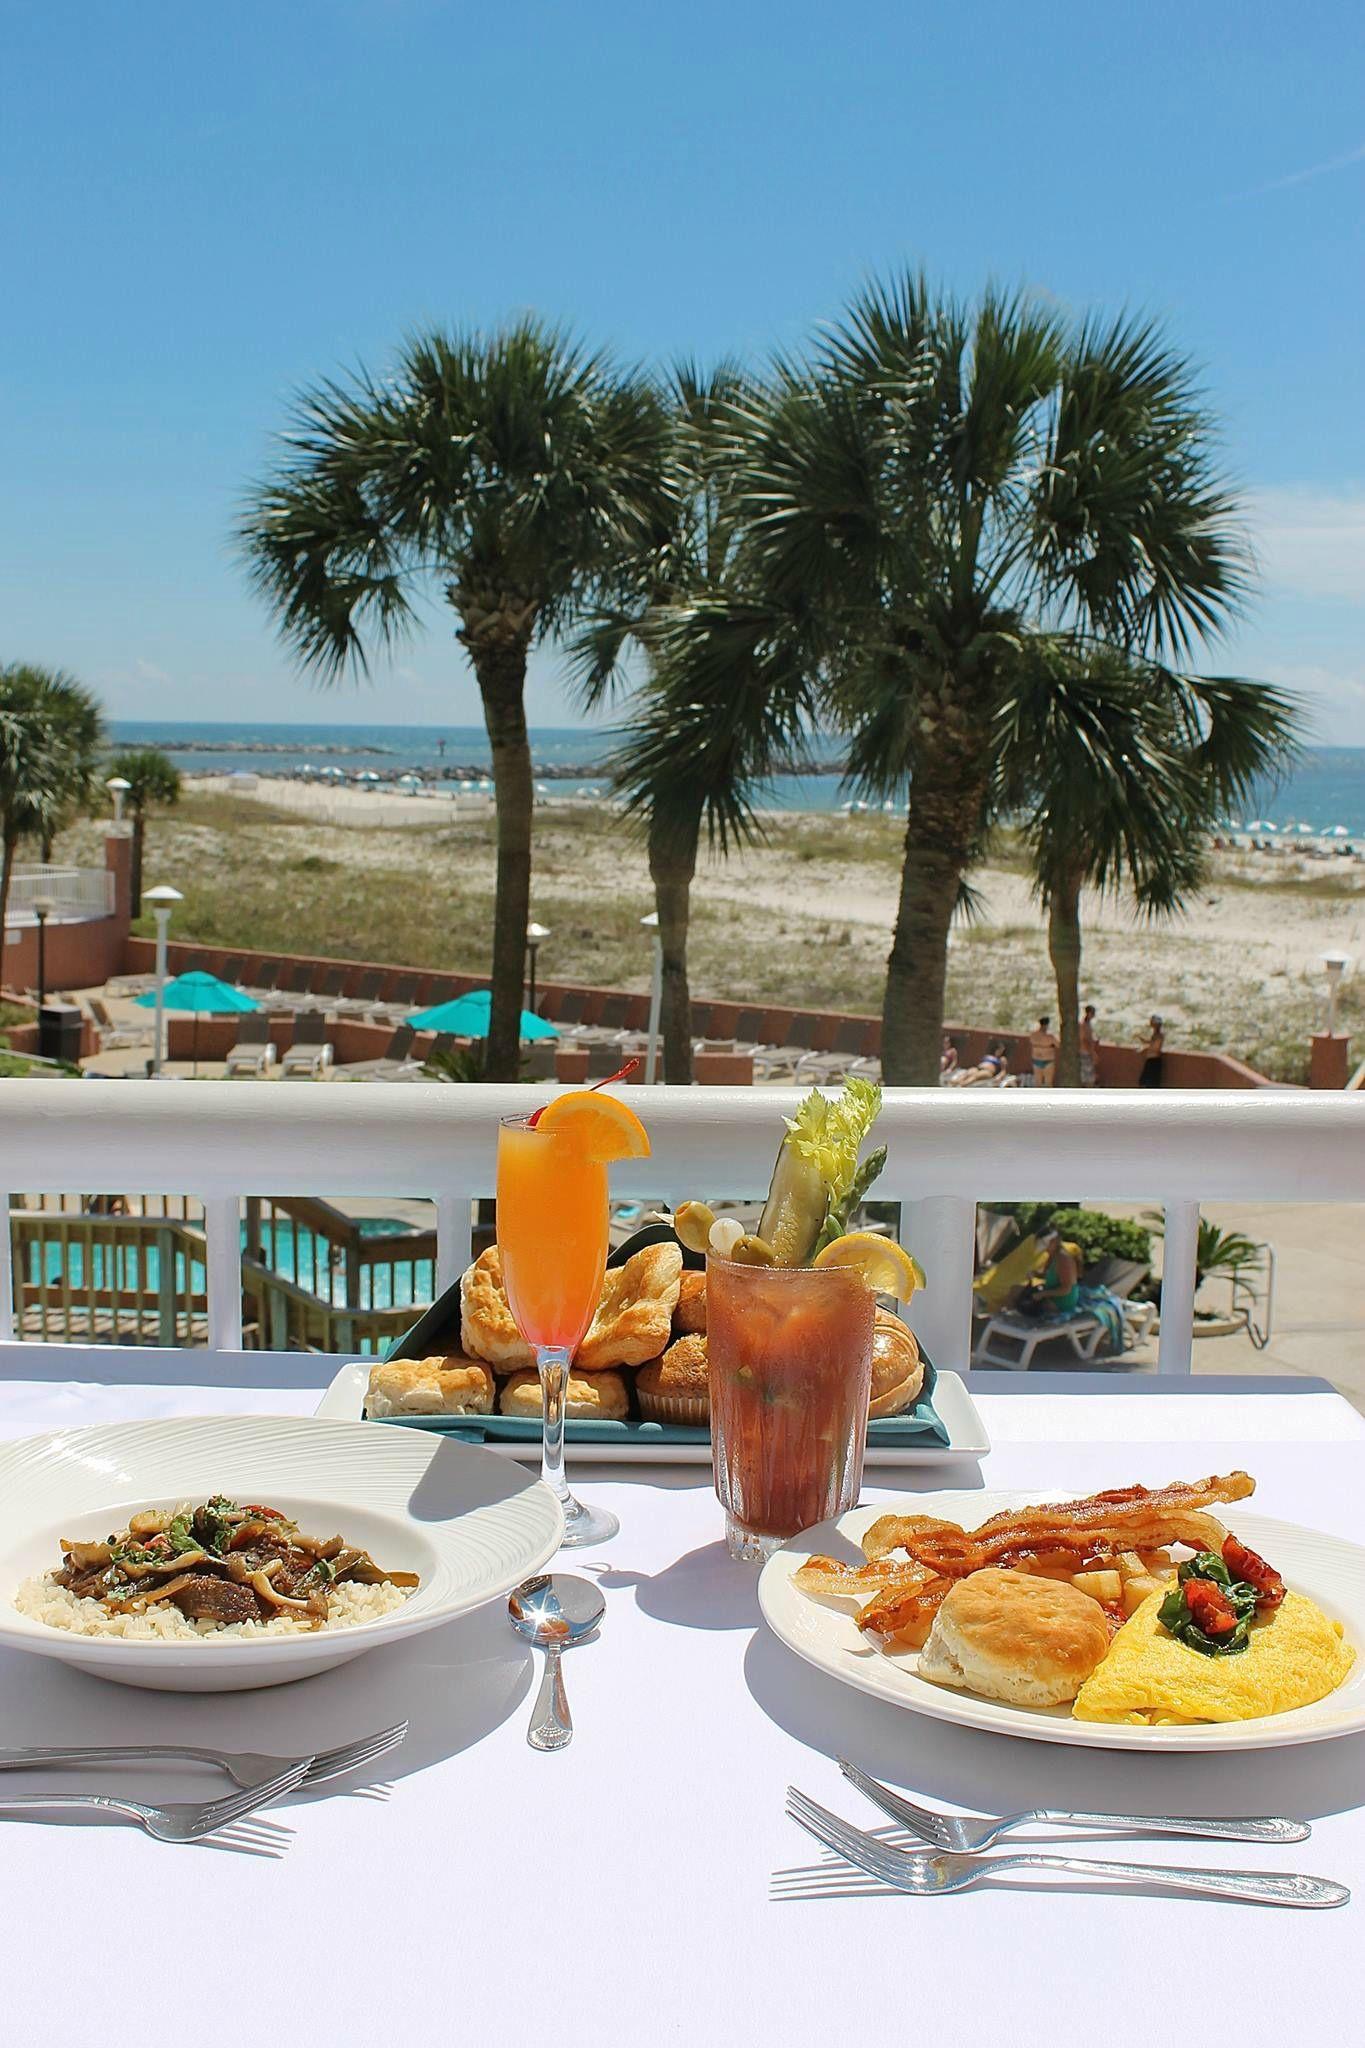 Breakfast Alfresco At The Perdido Beach Resort In Orange